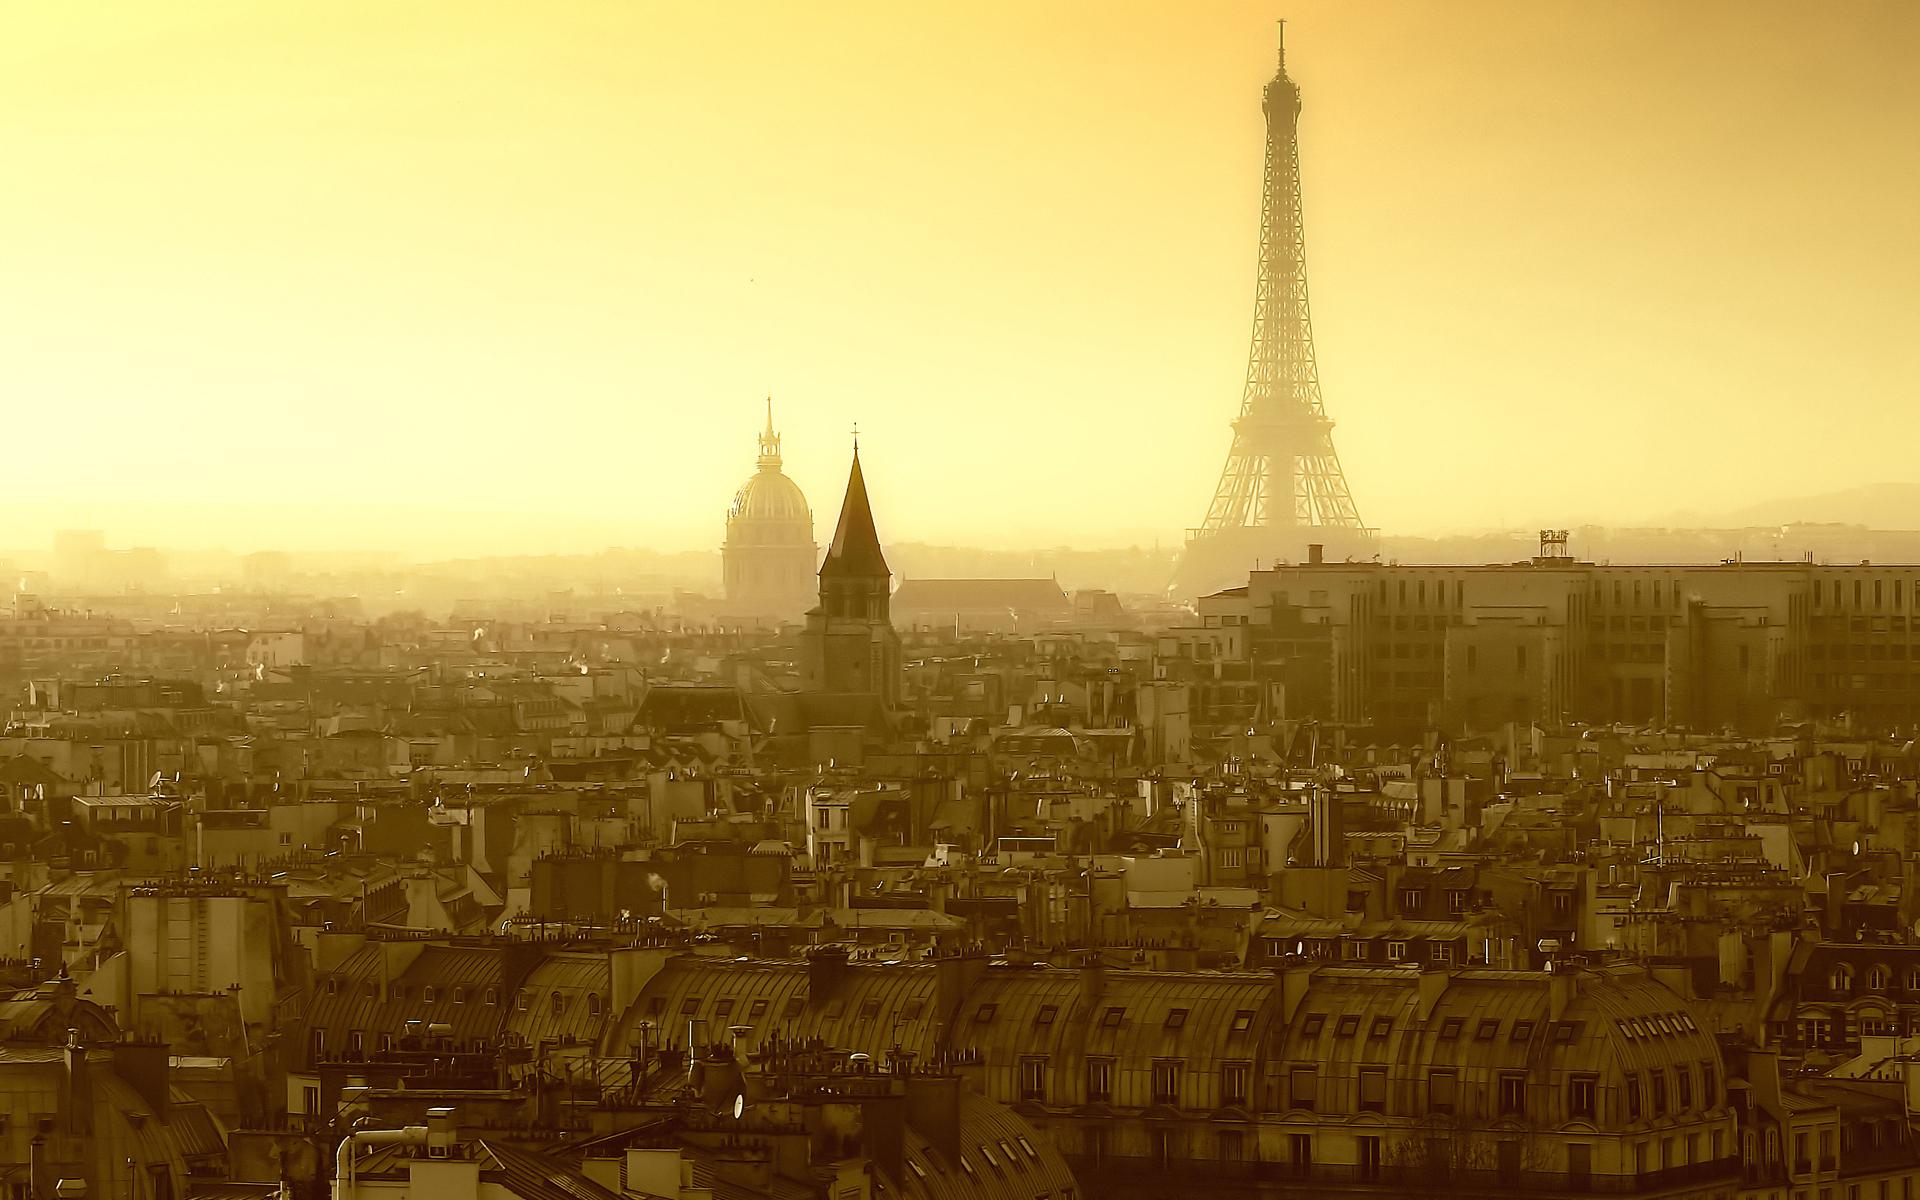 Обои города париж для рабочего стола